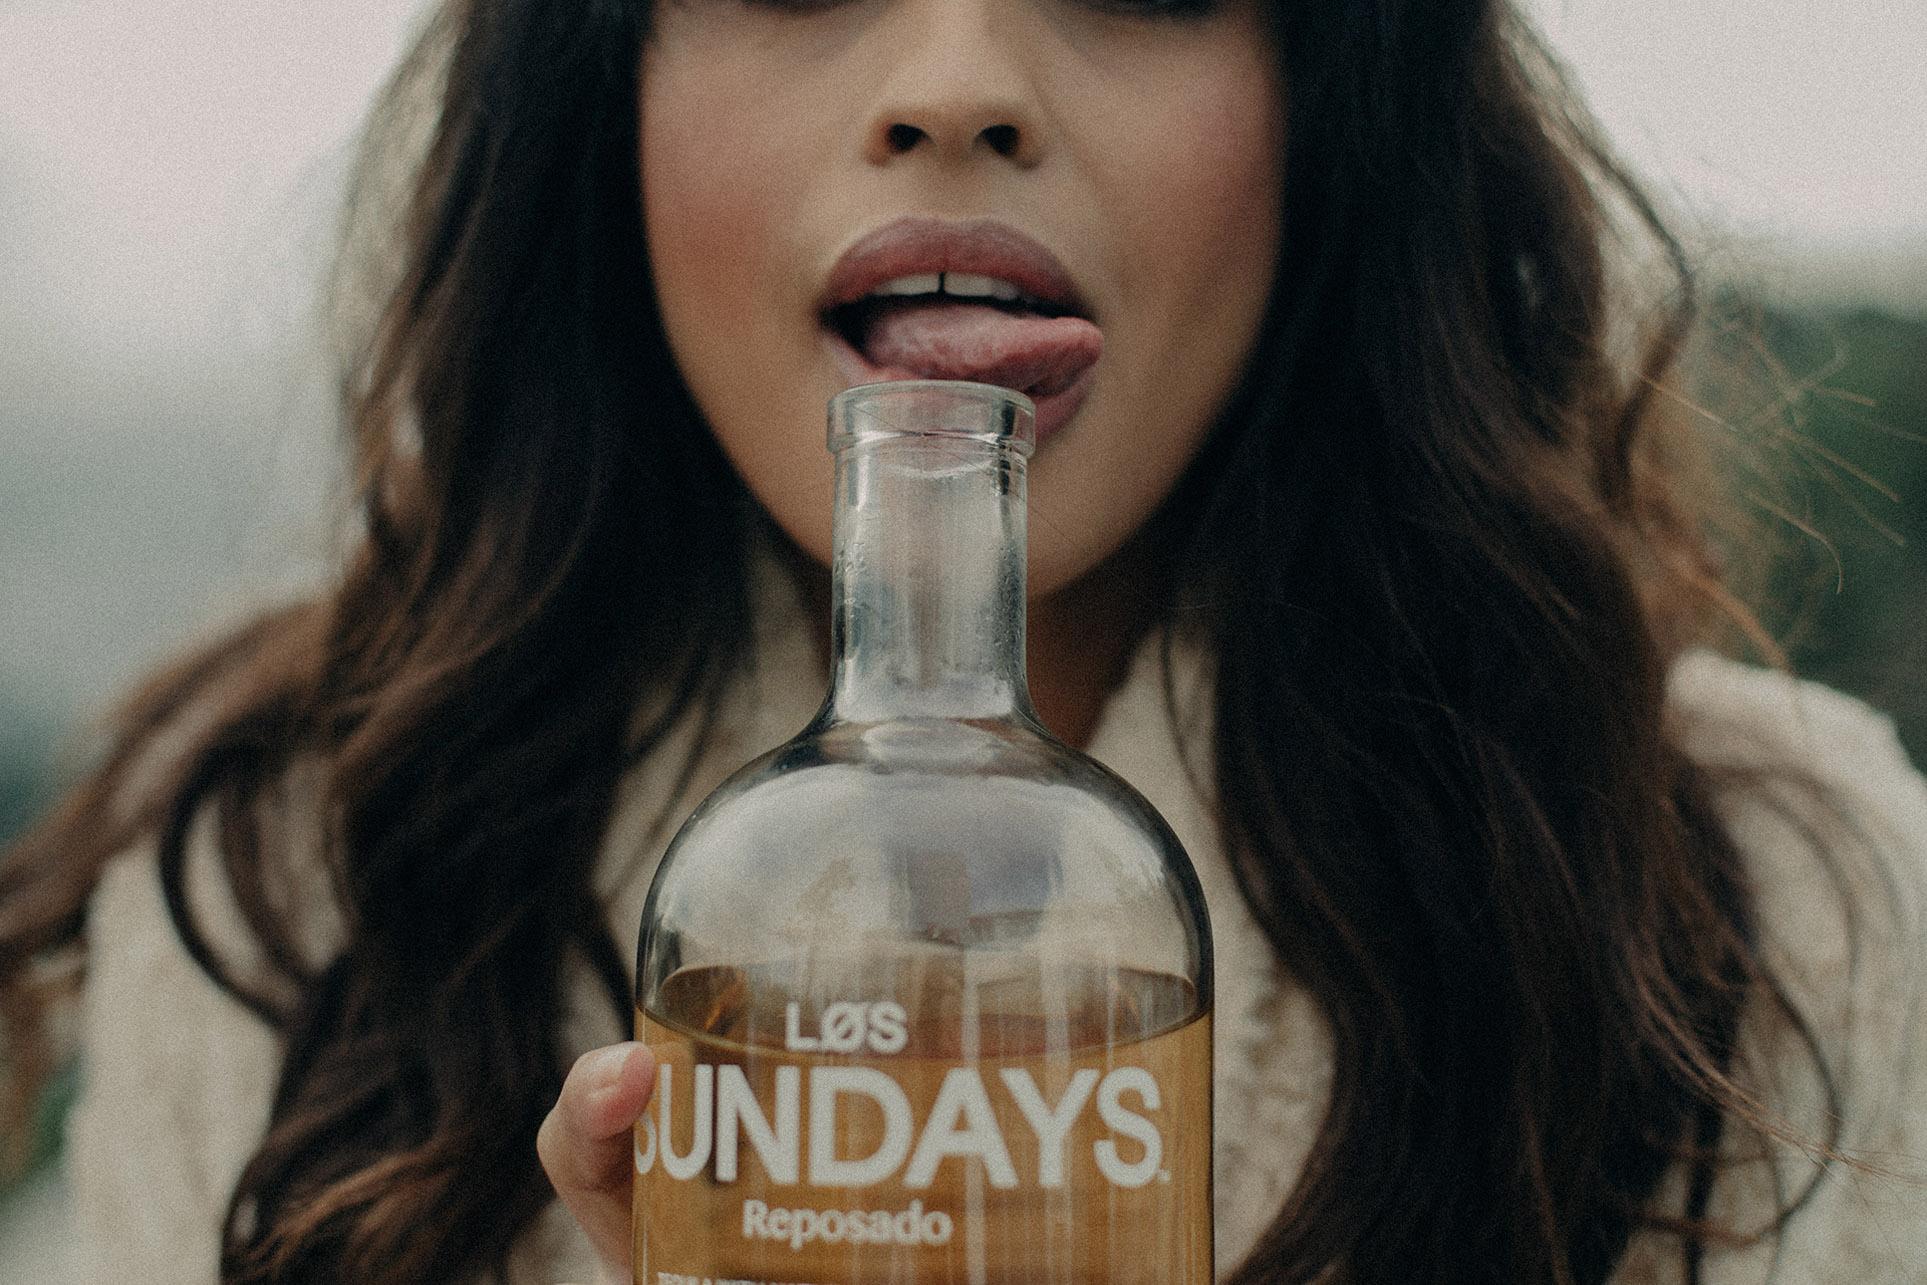 Женева Белэйр наслаждается текилой Los Sundays / фото 06